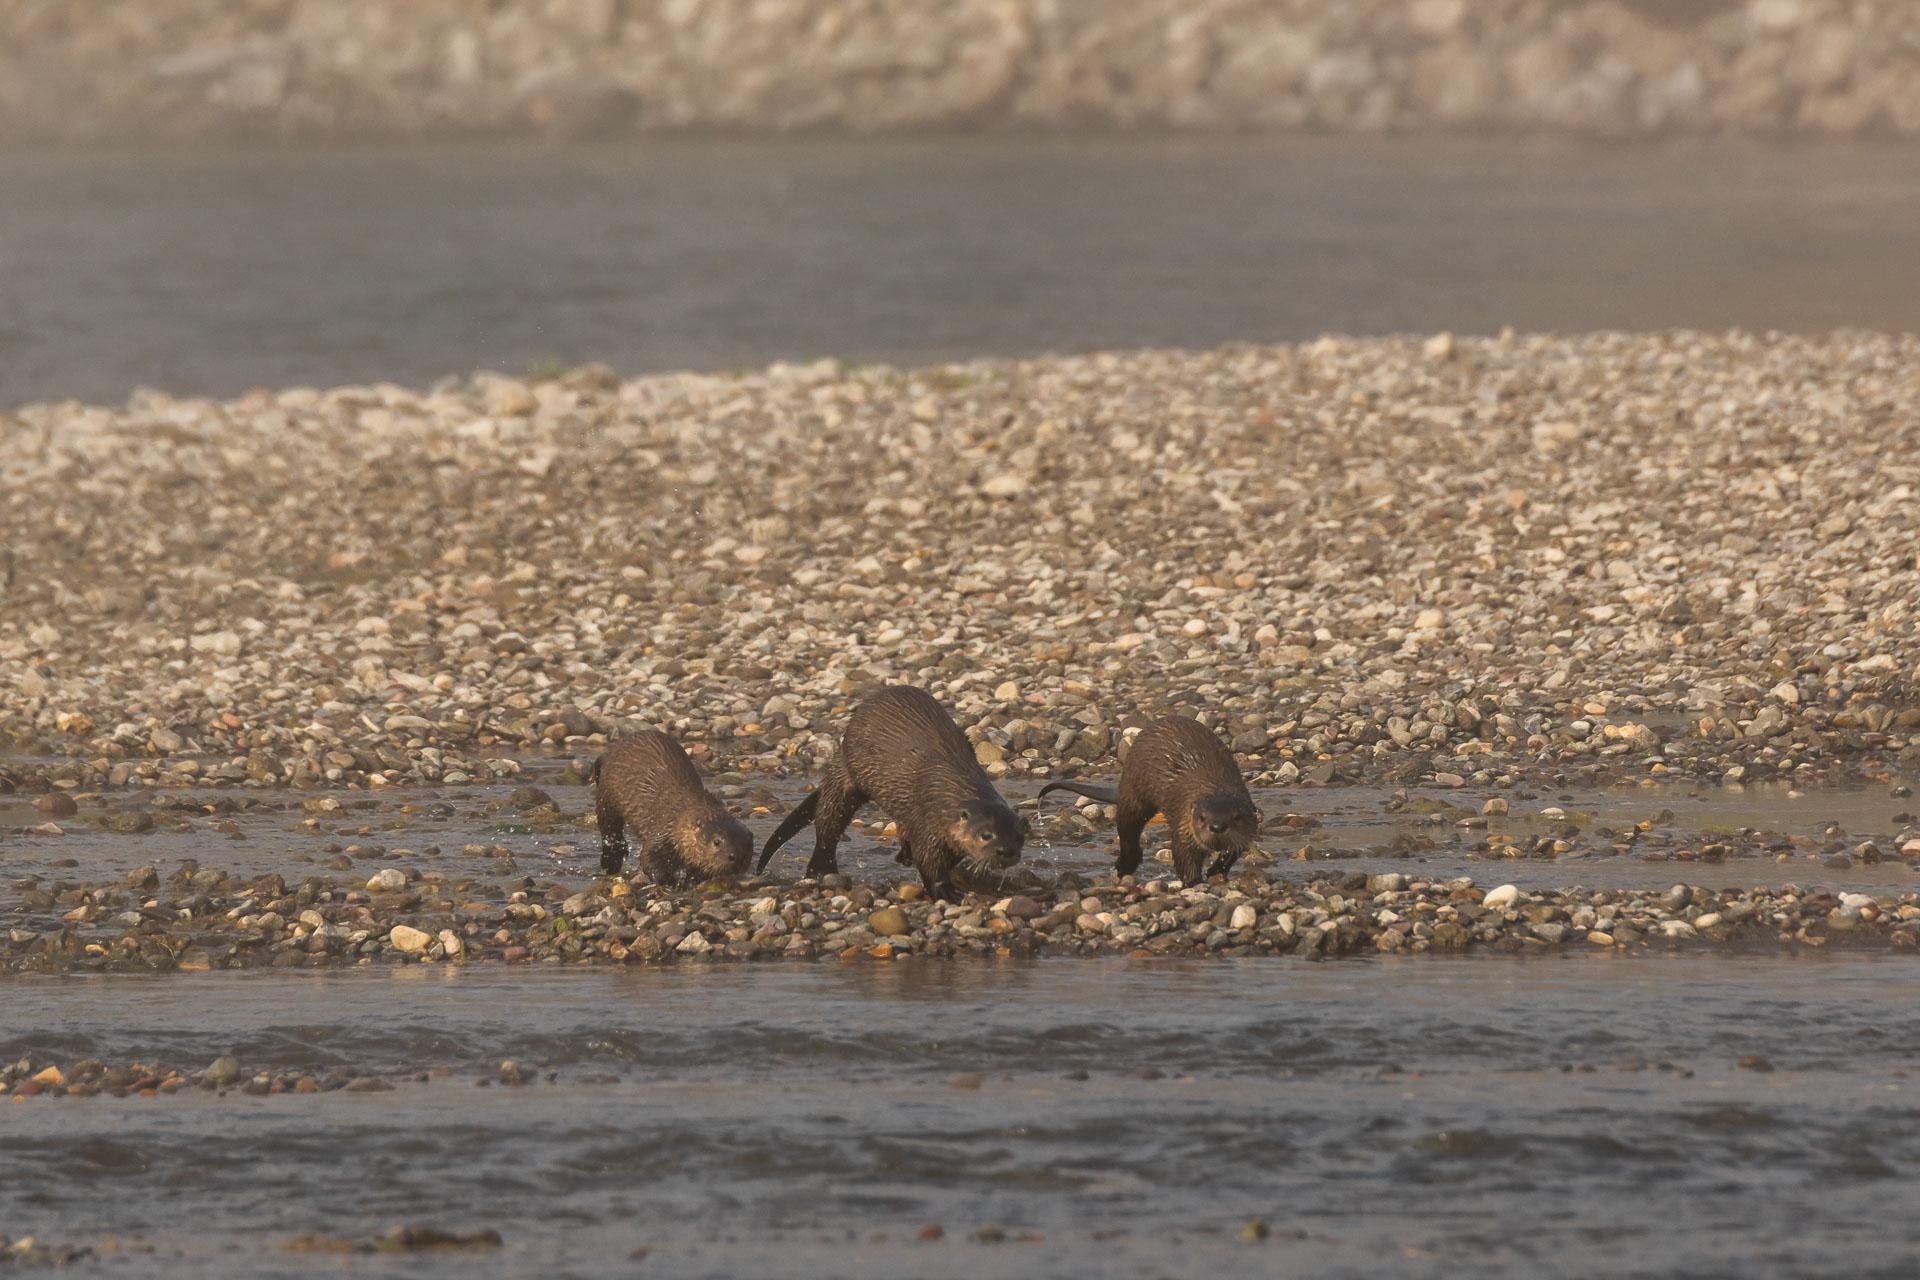 Flussotter [Lutra canadensis]